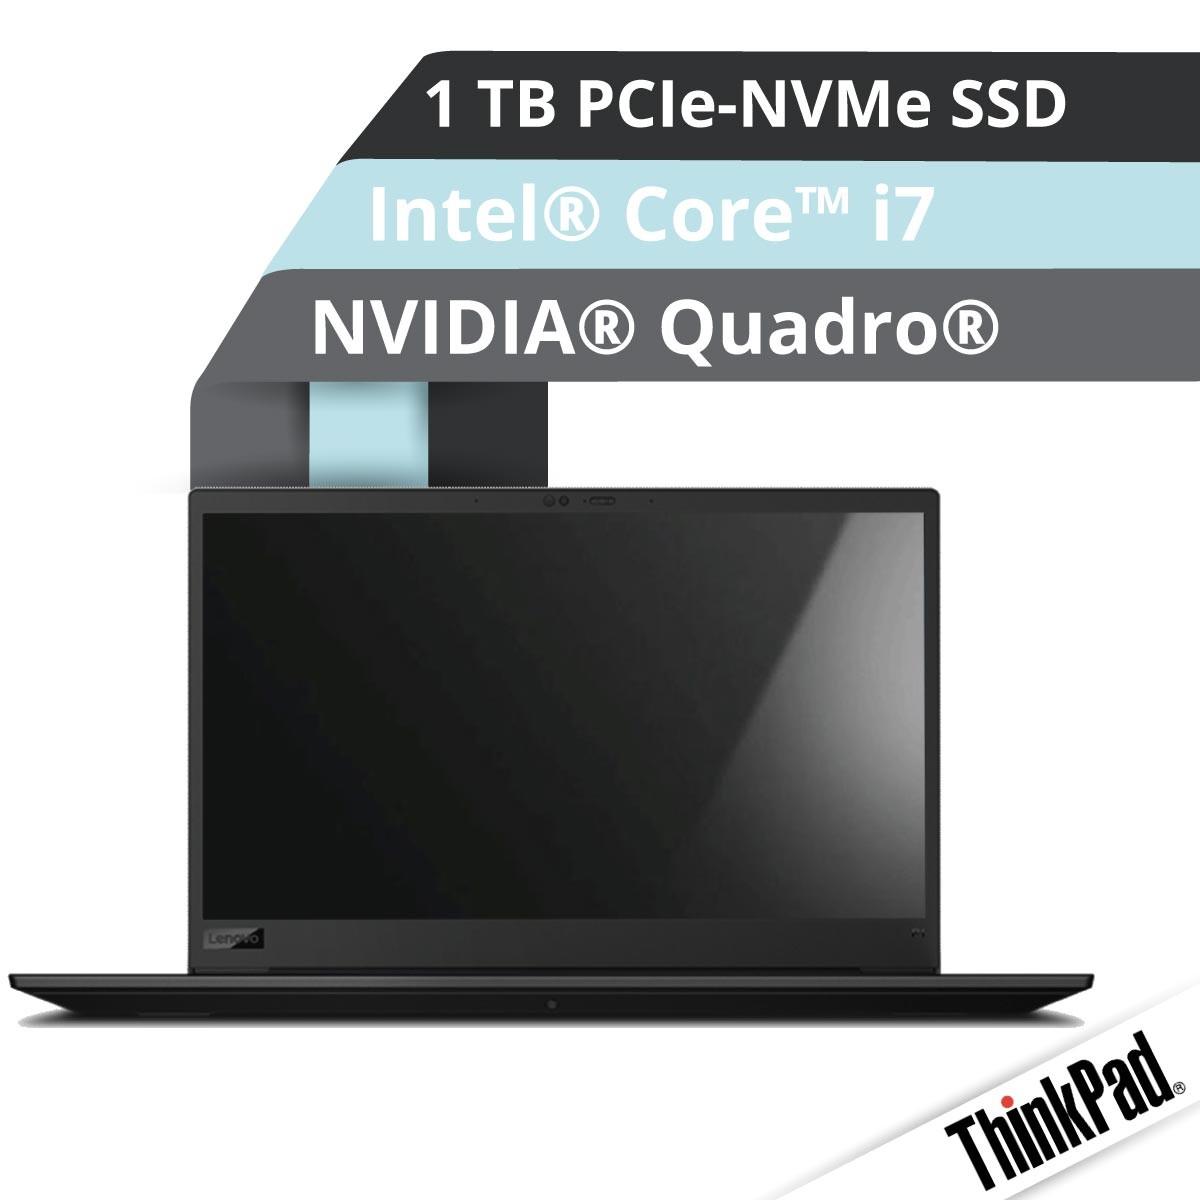 (EOL) Lenovo™ ThinkPad® P1 (Gen.3) Workstation Modell 20TH-000Y